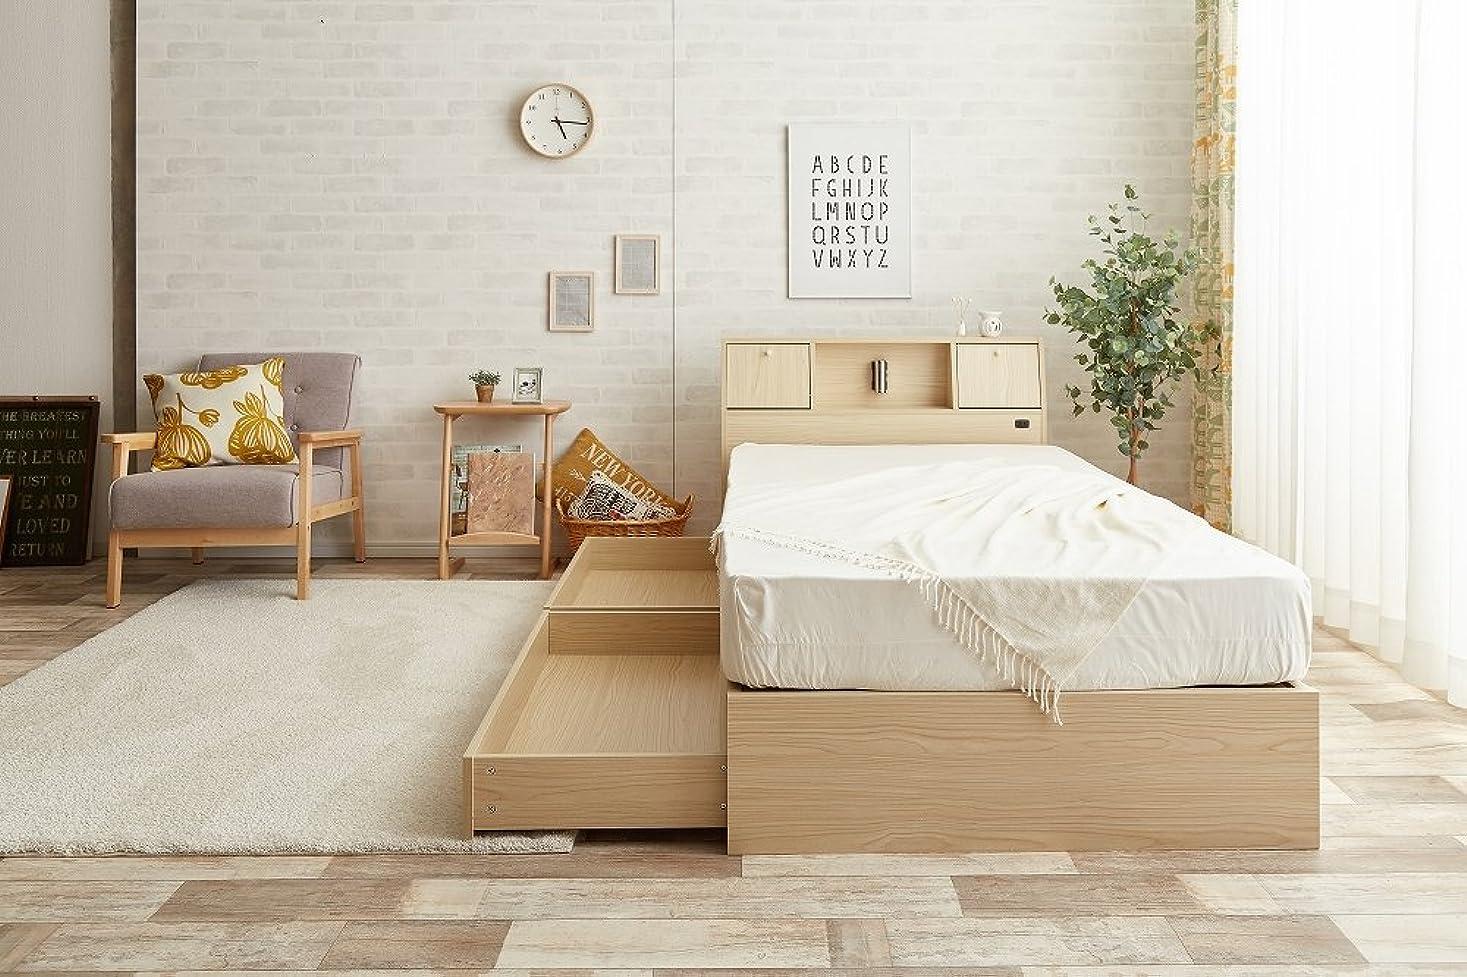 [シングル] ナチュラル 収納ベッド 【高密度アドバンスポケットコイル】 照明?コンセント付き